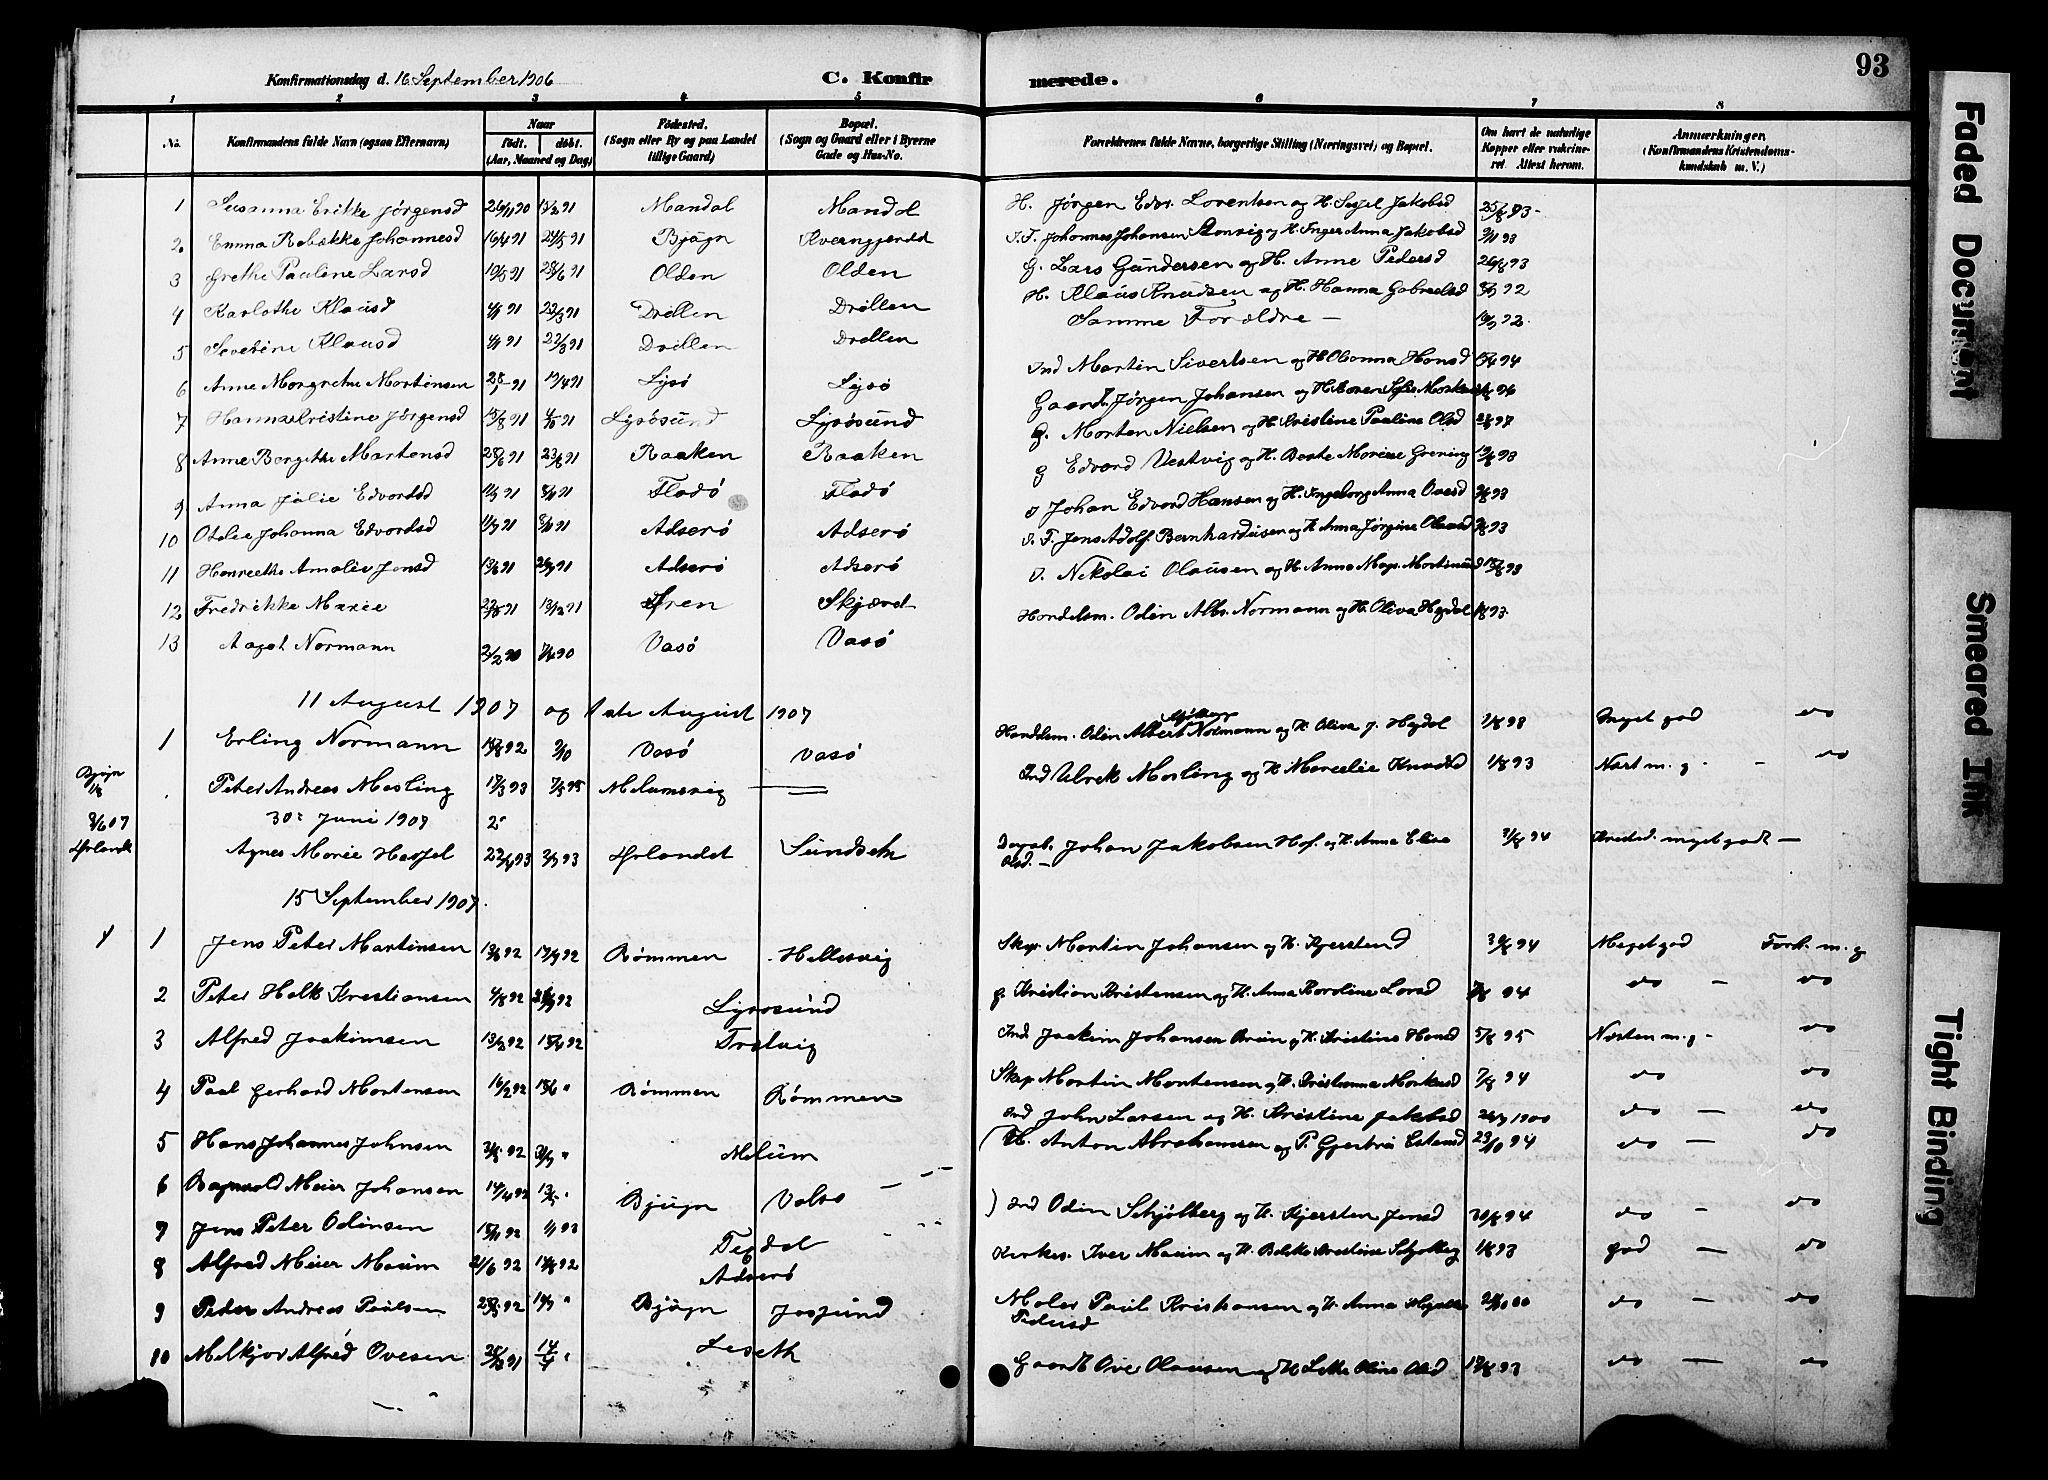 SAT, Ministerialprotokoller, klokkerbøker og fødselsregistre - Sør-Trøndelag, 654/L0666: Klokkerbok nr. 654C02, 1901-1925, s. 93